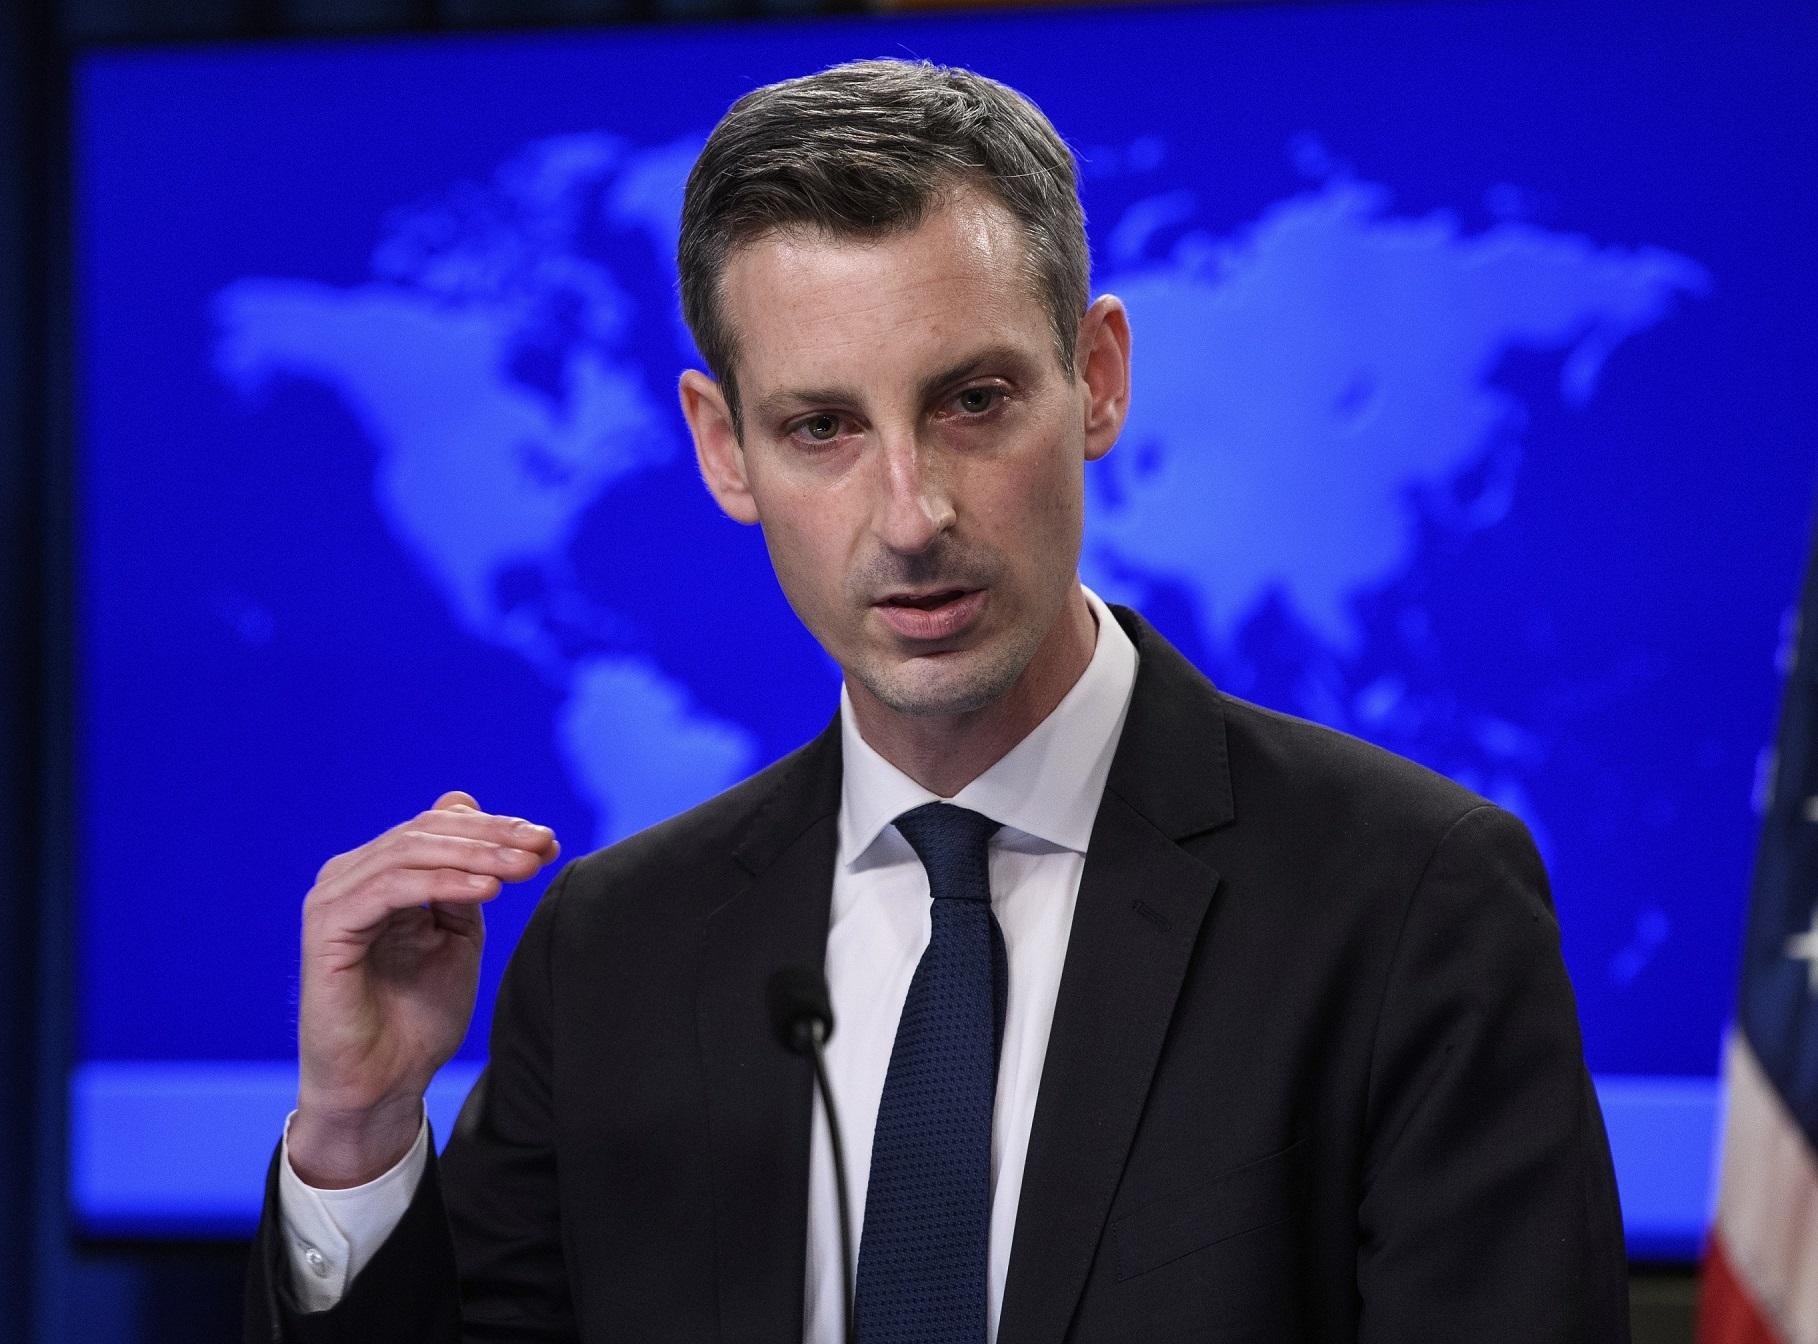 خودداری اروپا از صدور قطعنامه علیه ایران بهترین راهکار بود